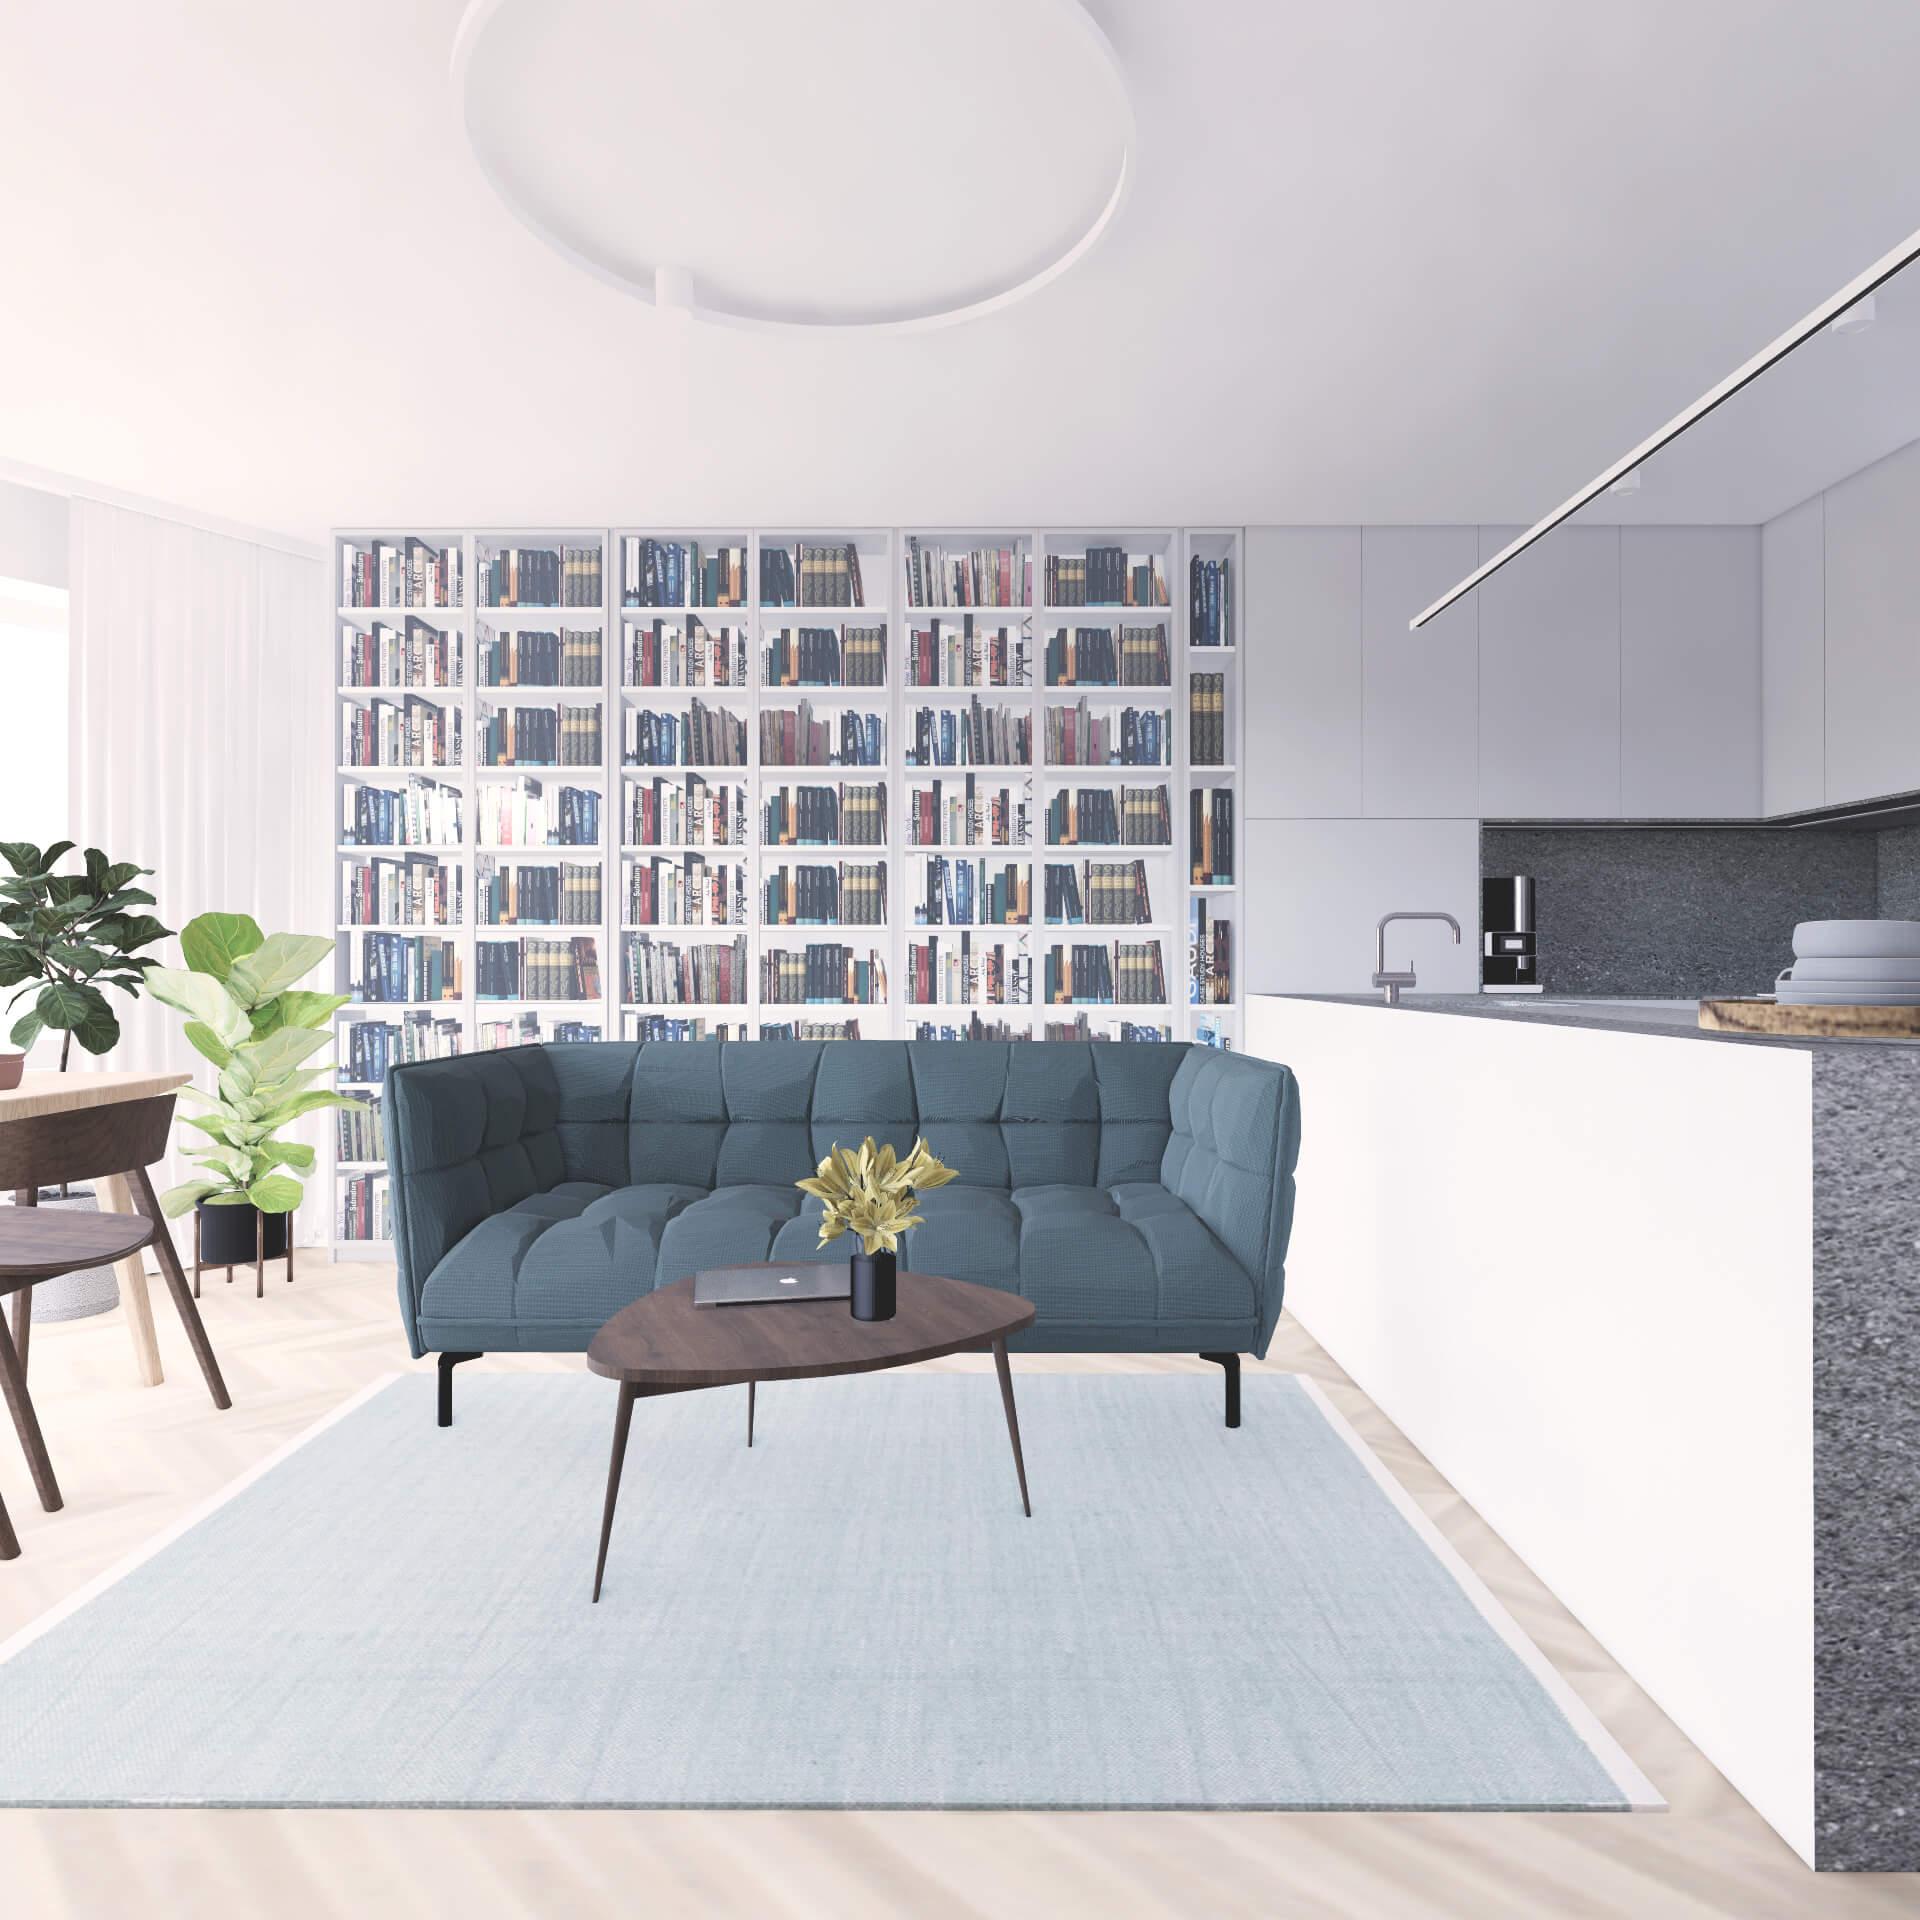 Projekt wnętrza mieszkania wraz z nadzorem nad realizacją. Salon w mieszkaniu 71 m2. Założeniem projektu jest prosta, spokojna przestrzeń w stonowanych kolorach z beżami i szarościami. Ważnym wymogiem było zaaranżowanie możliwie największej ilości regałów na książki. Na wizualizacji duża przeszklona biblioteczka, która płynnie łączy się z zabudową kuchenną. Przed biblioteczką kanapa wraz ze stolikiem kawowym.